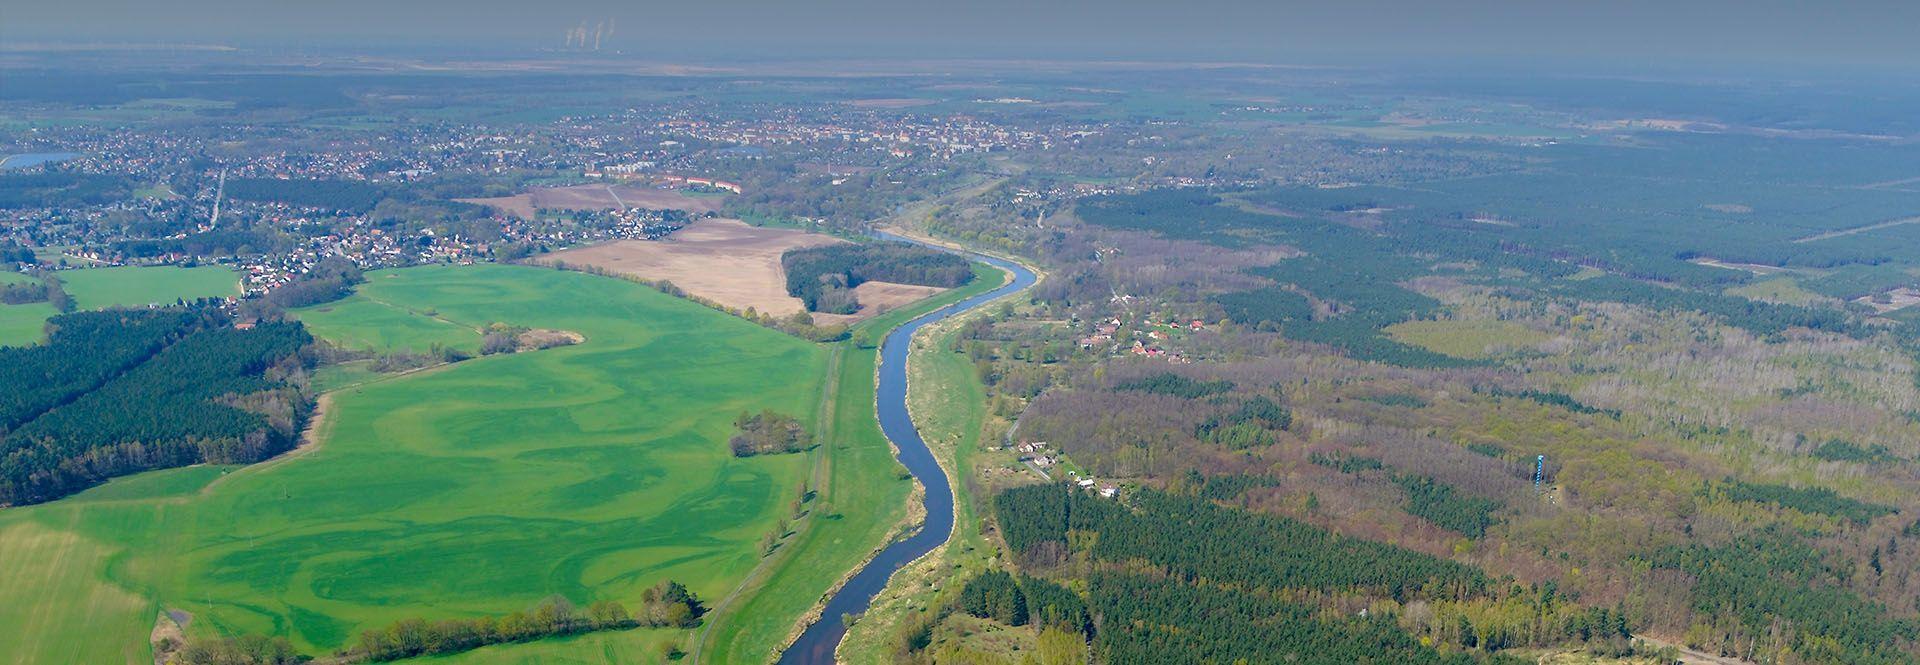 Polska z góry - skróty odcinków